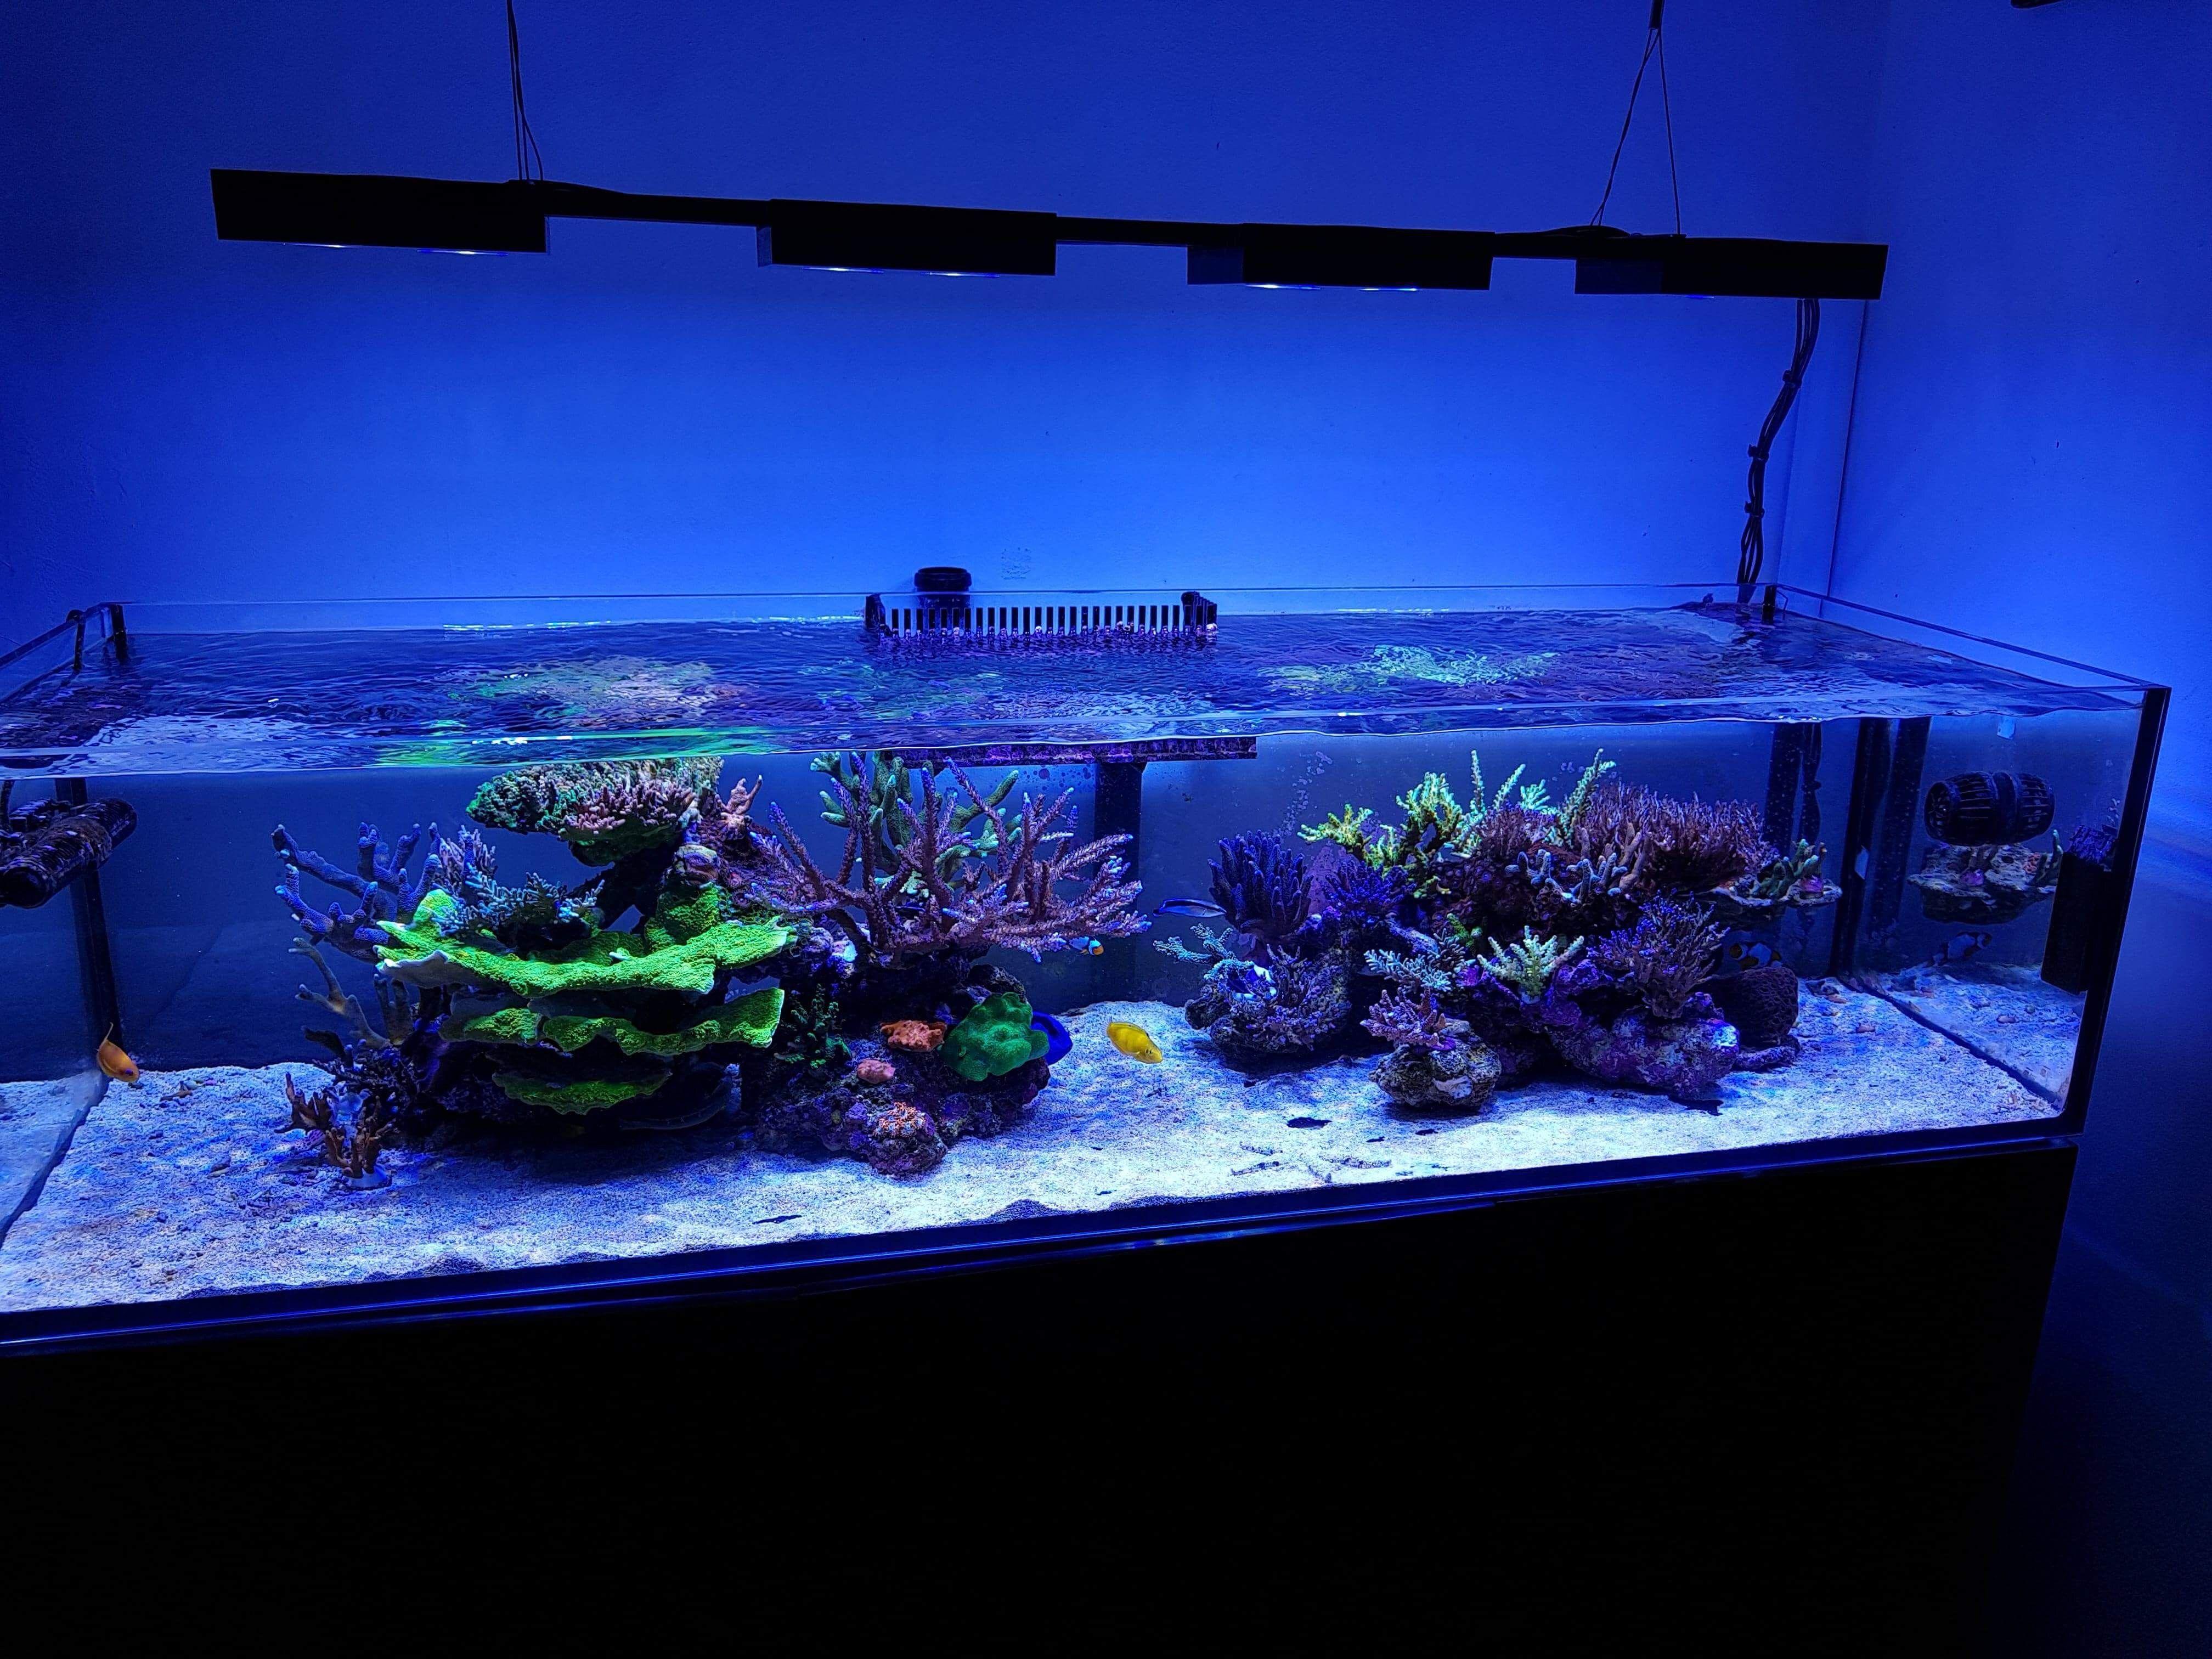 45b560b0eaddc3494e896123b025c809 Frais De Aquarium Recifal Complet Concept